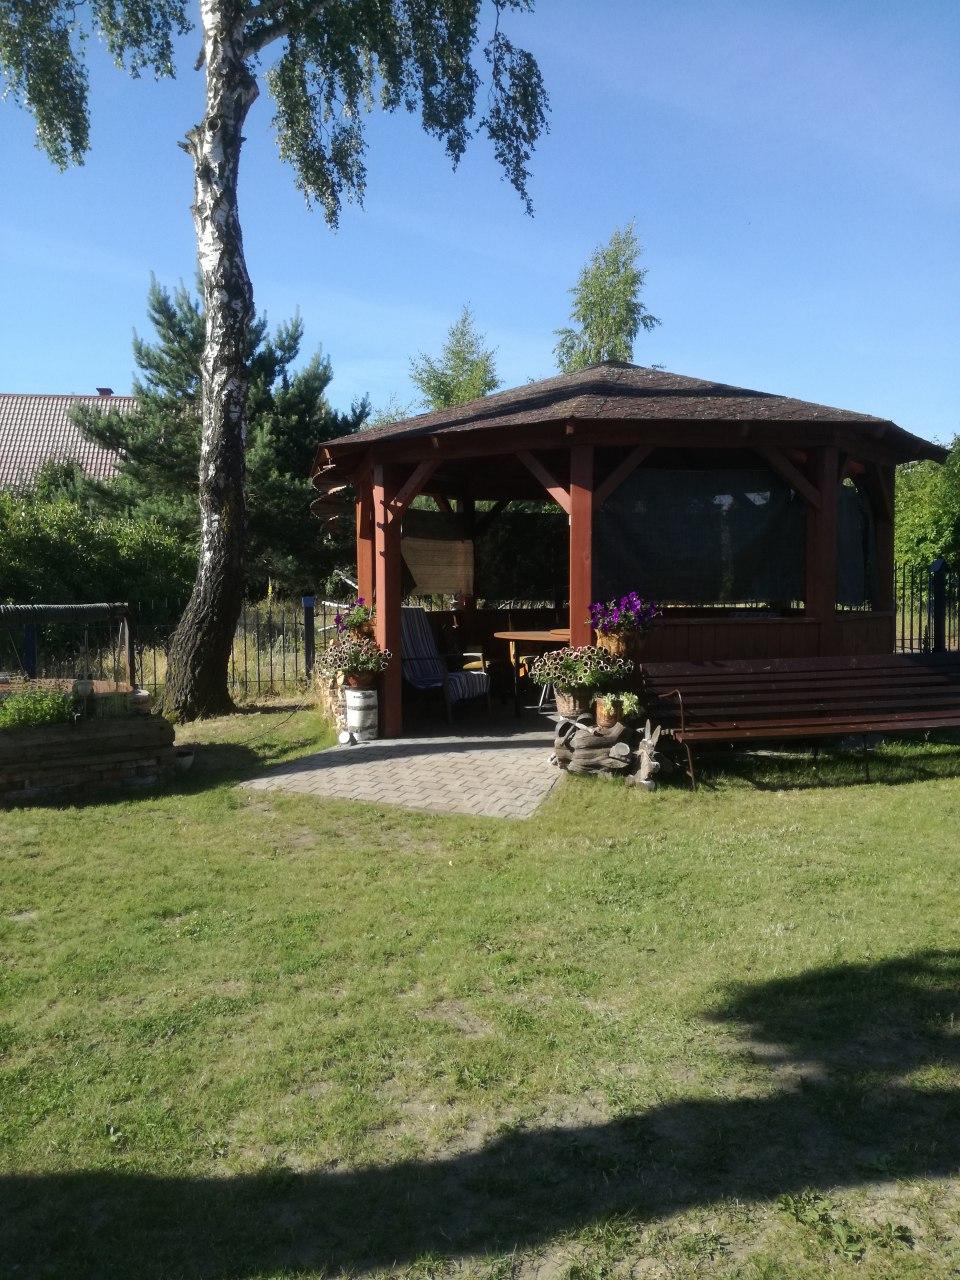 altana dla gości odpoczywjących w ogrodzie